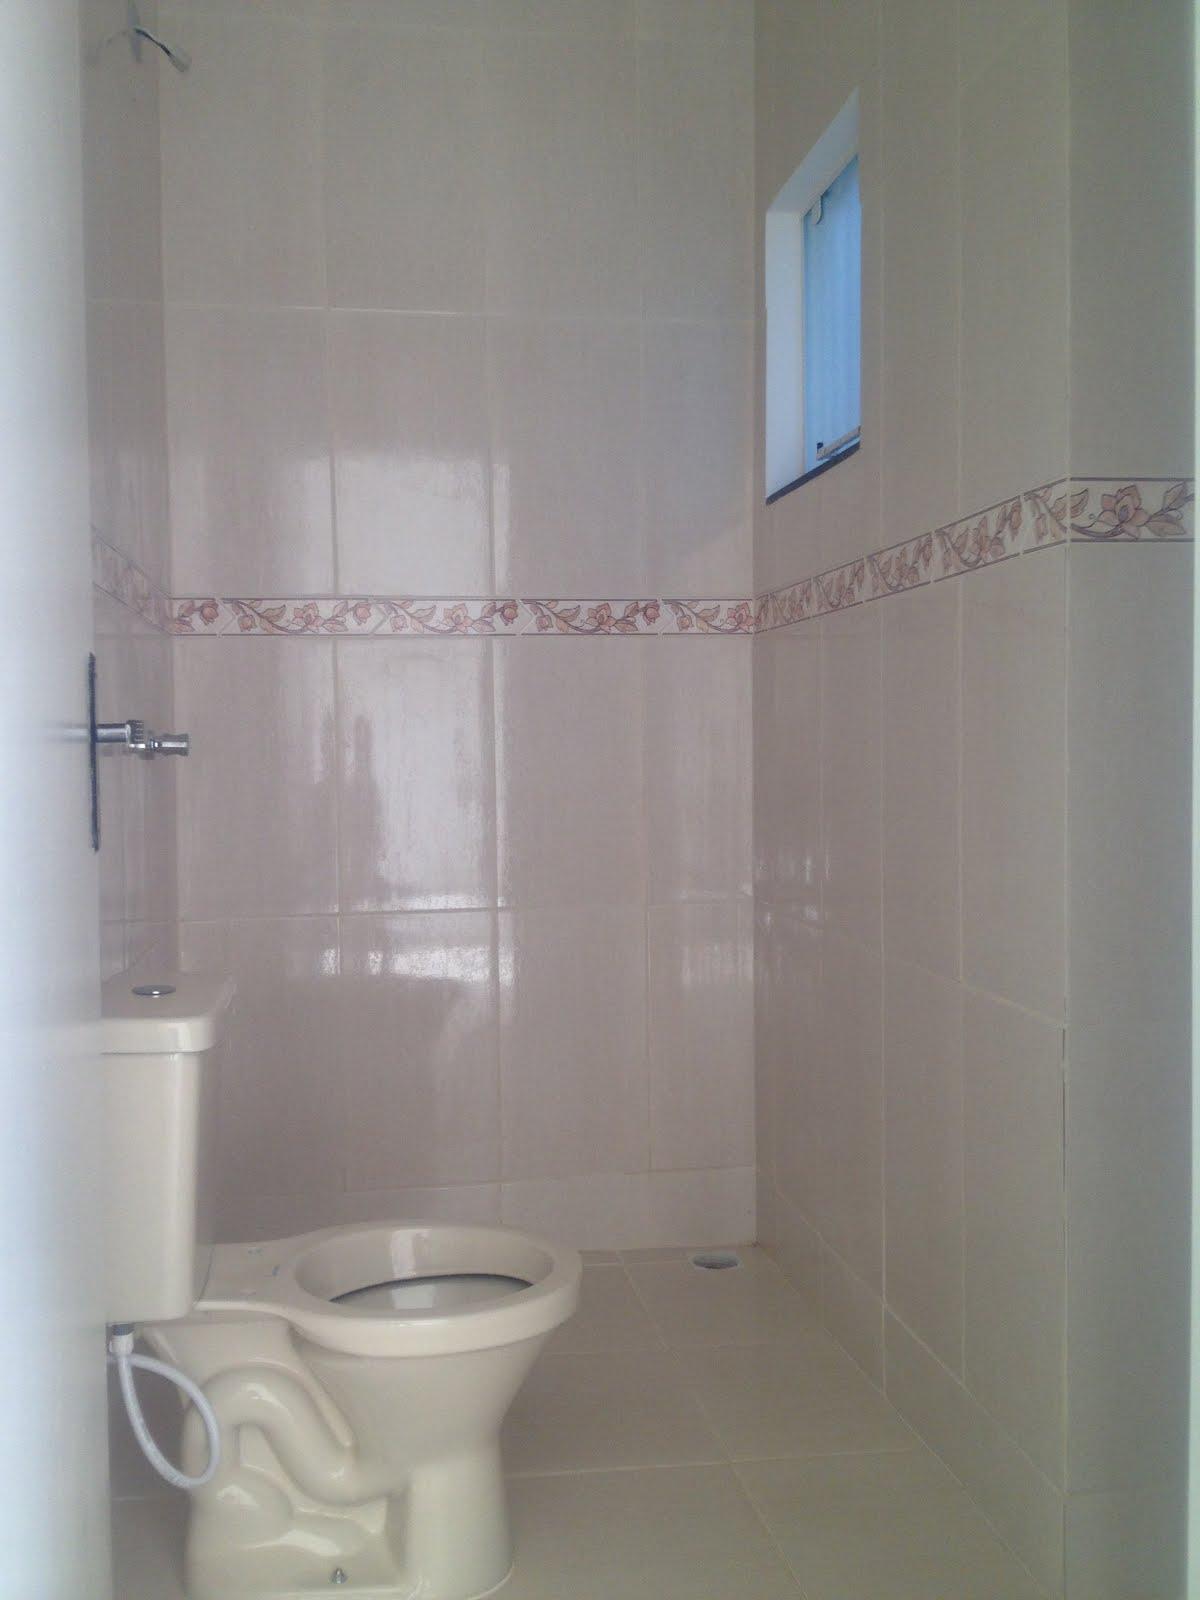 área de serviço cerâmica de primeira qualidade em meia parede #4B6480 1200 1600